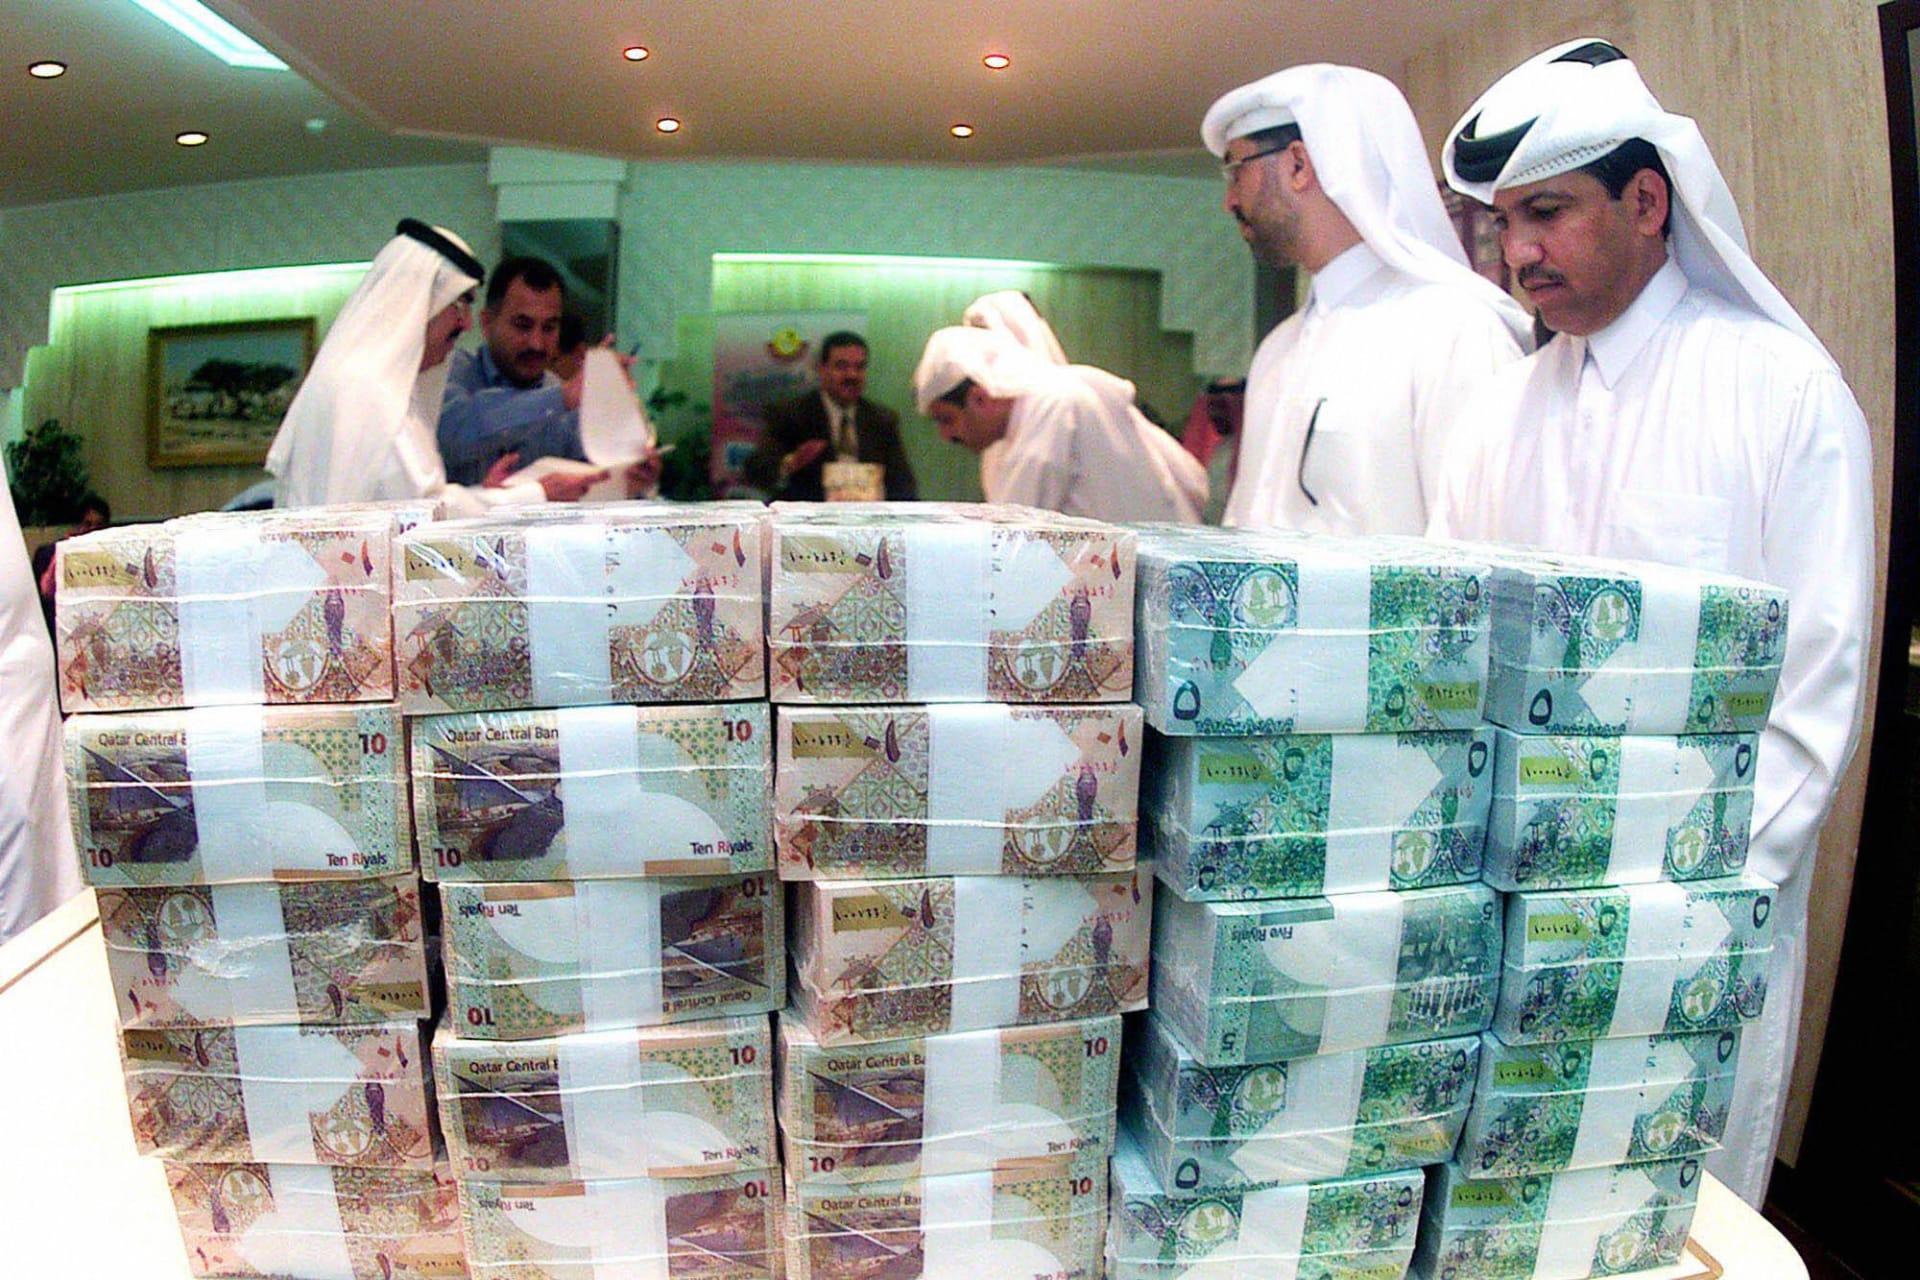 لأول مرة.. صندوق النقد الدولي يعتزم إدخال الصيرفة الإسلامية ضمن إطار رقابته